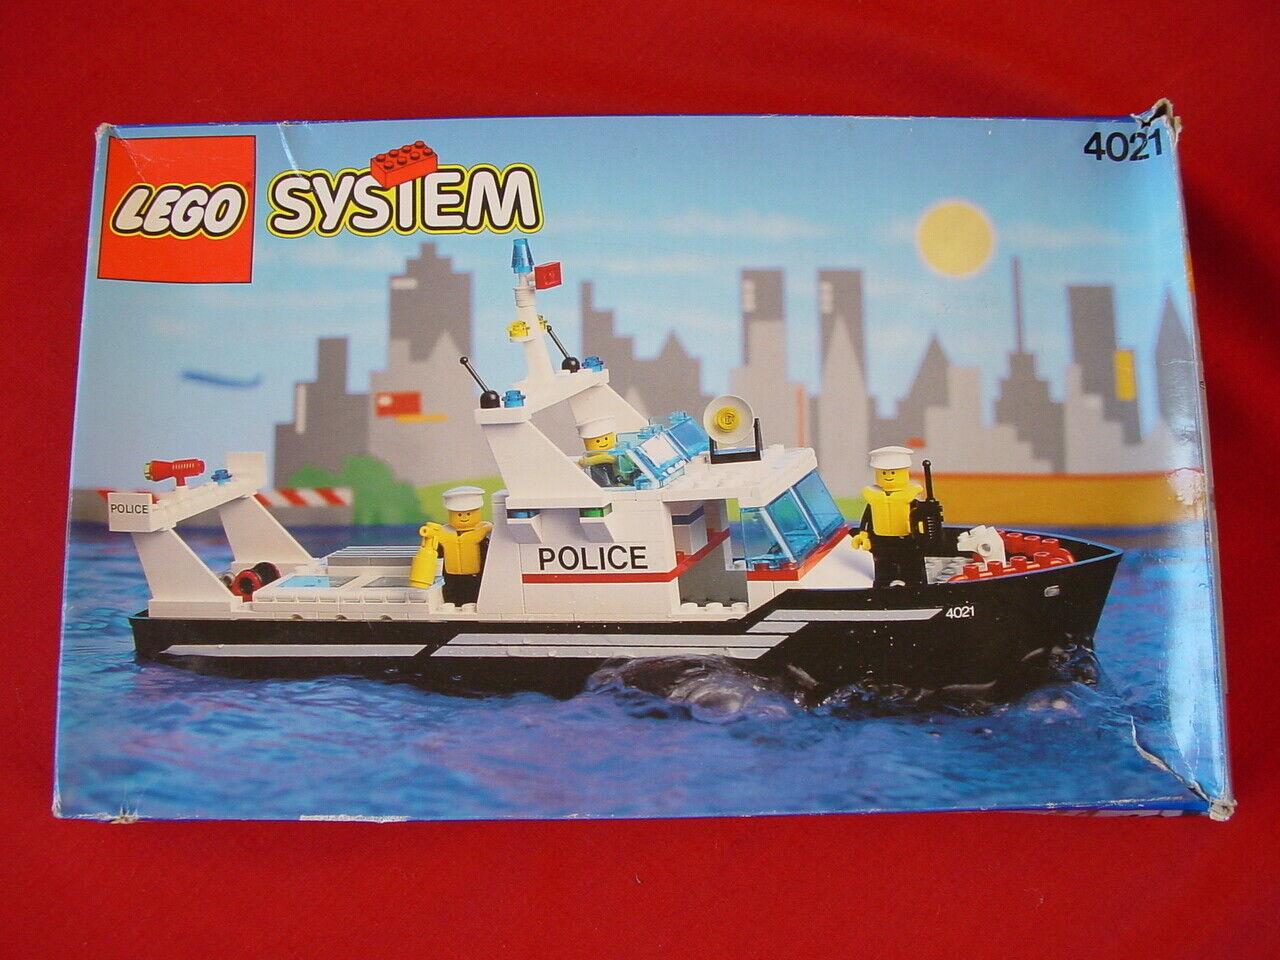 LEGO SYSTEM 4021 Police Patrol Boat-Complete vintage set 1991-Voir mes objets